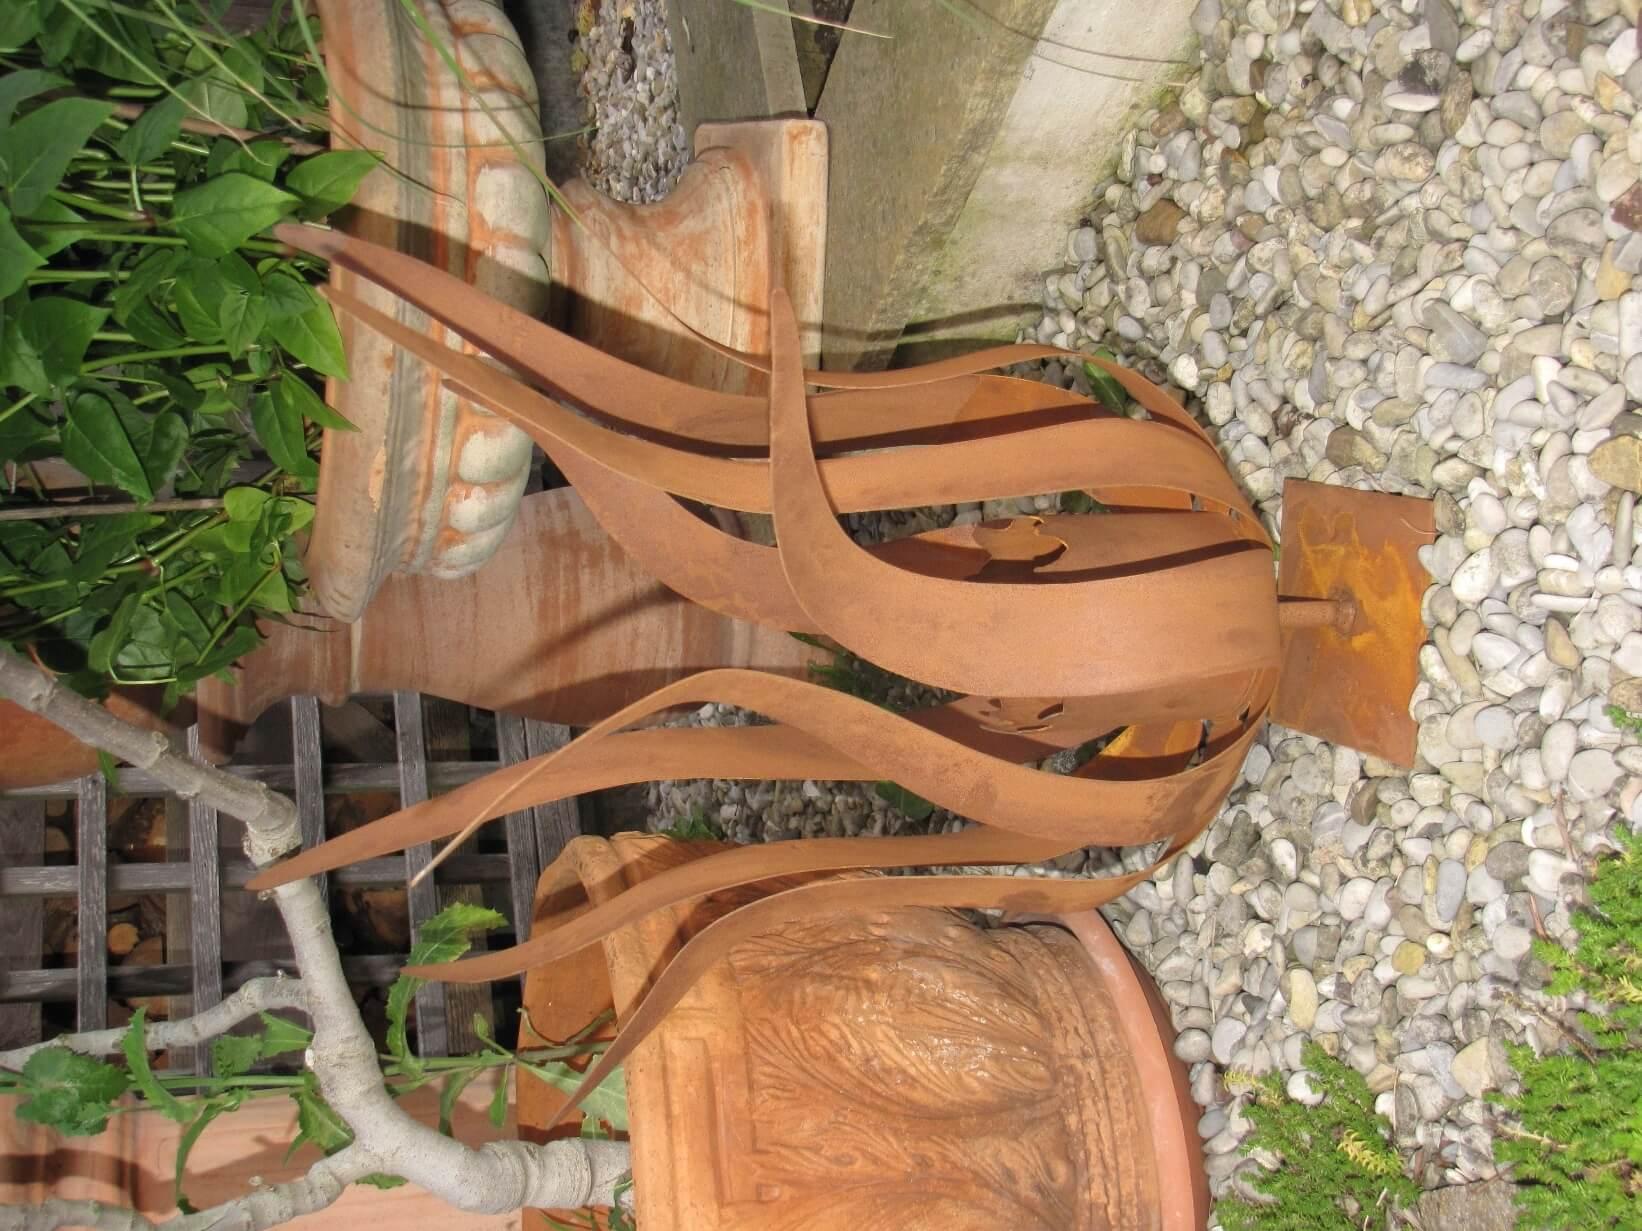 feuerblume fiamma auf platte f r kerze oder brenngeldose gro angels garden dekoshop. Black Bedroom Furniture Sets. Home Design Ideas